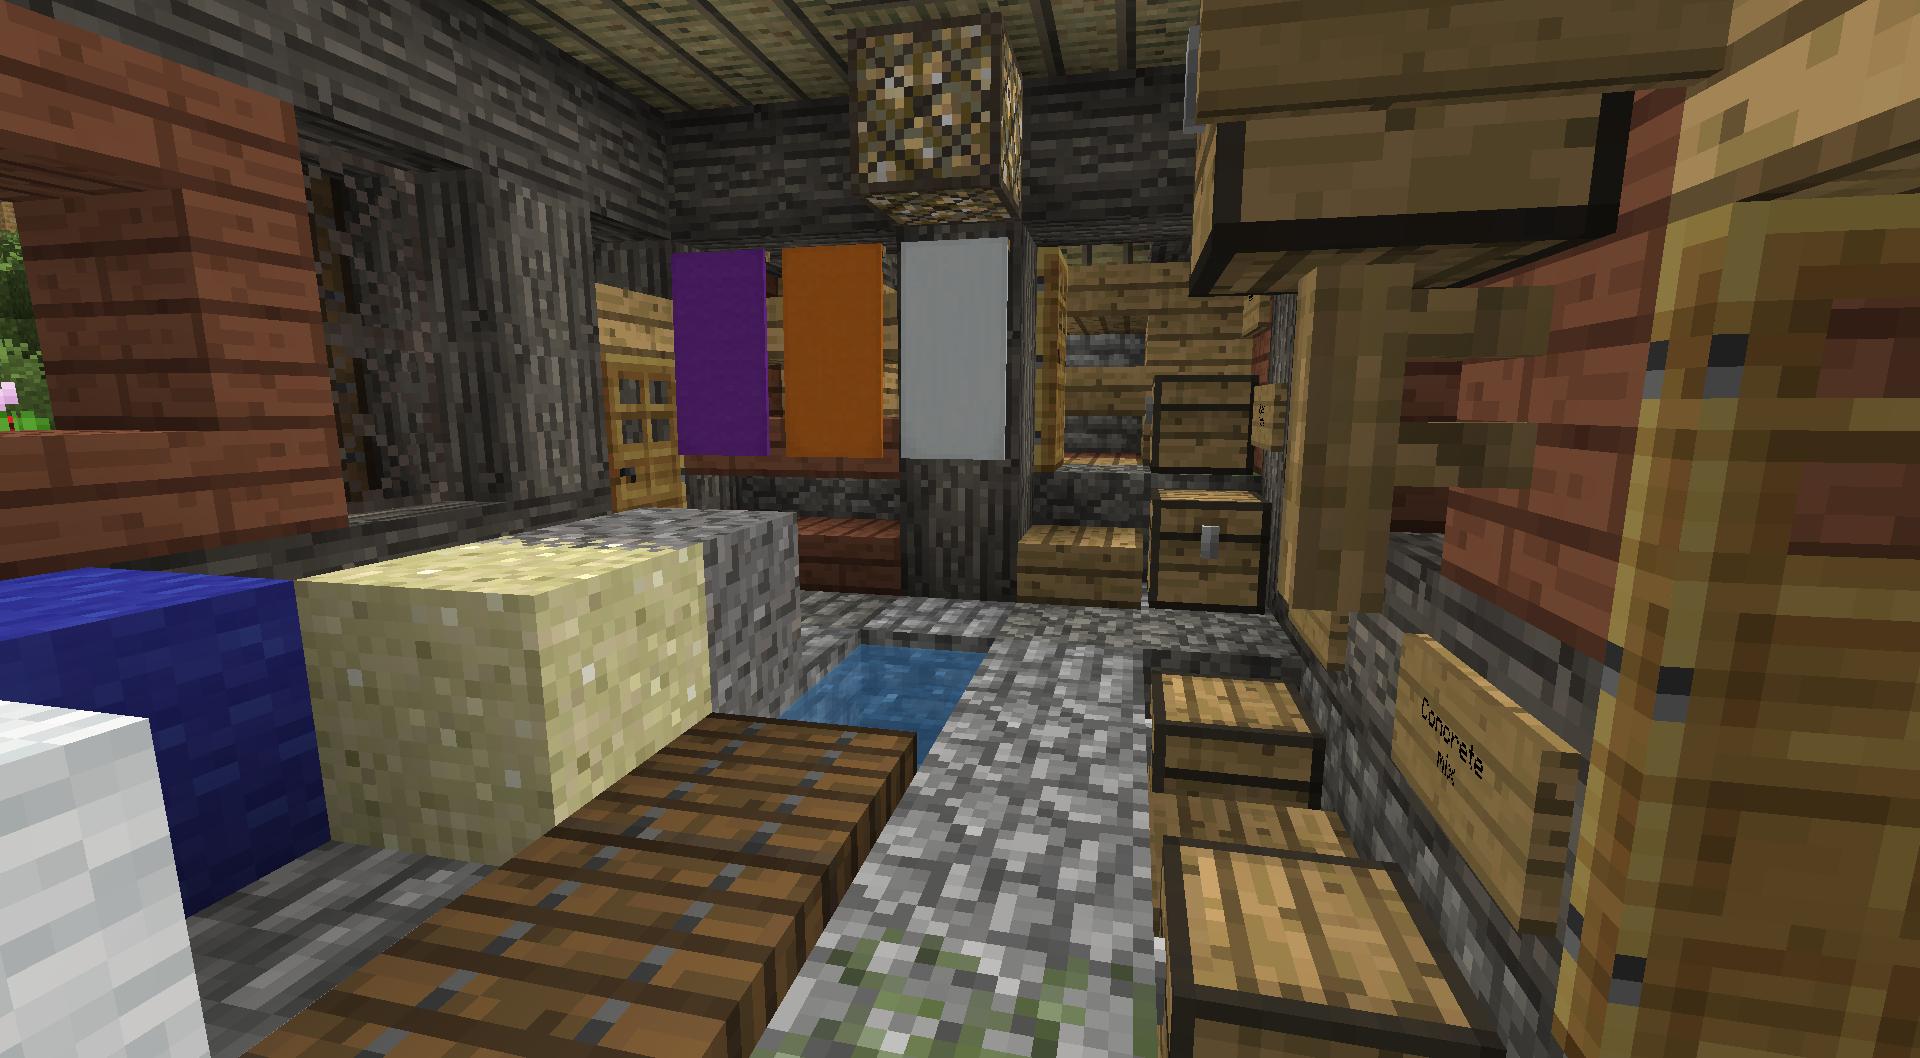 Dyer Interior